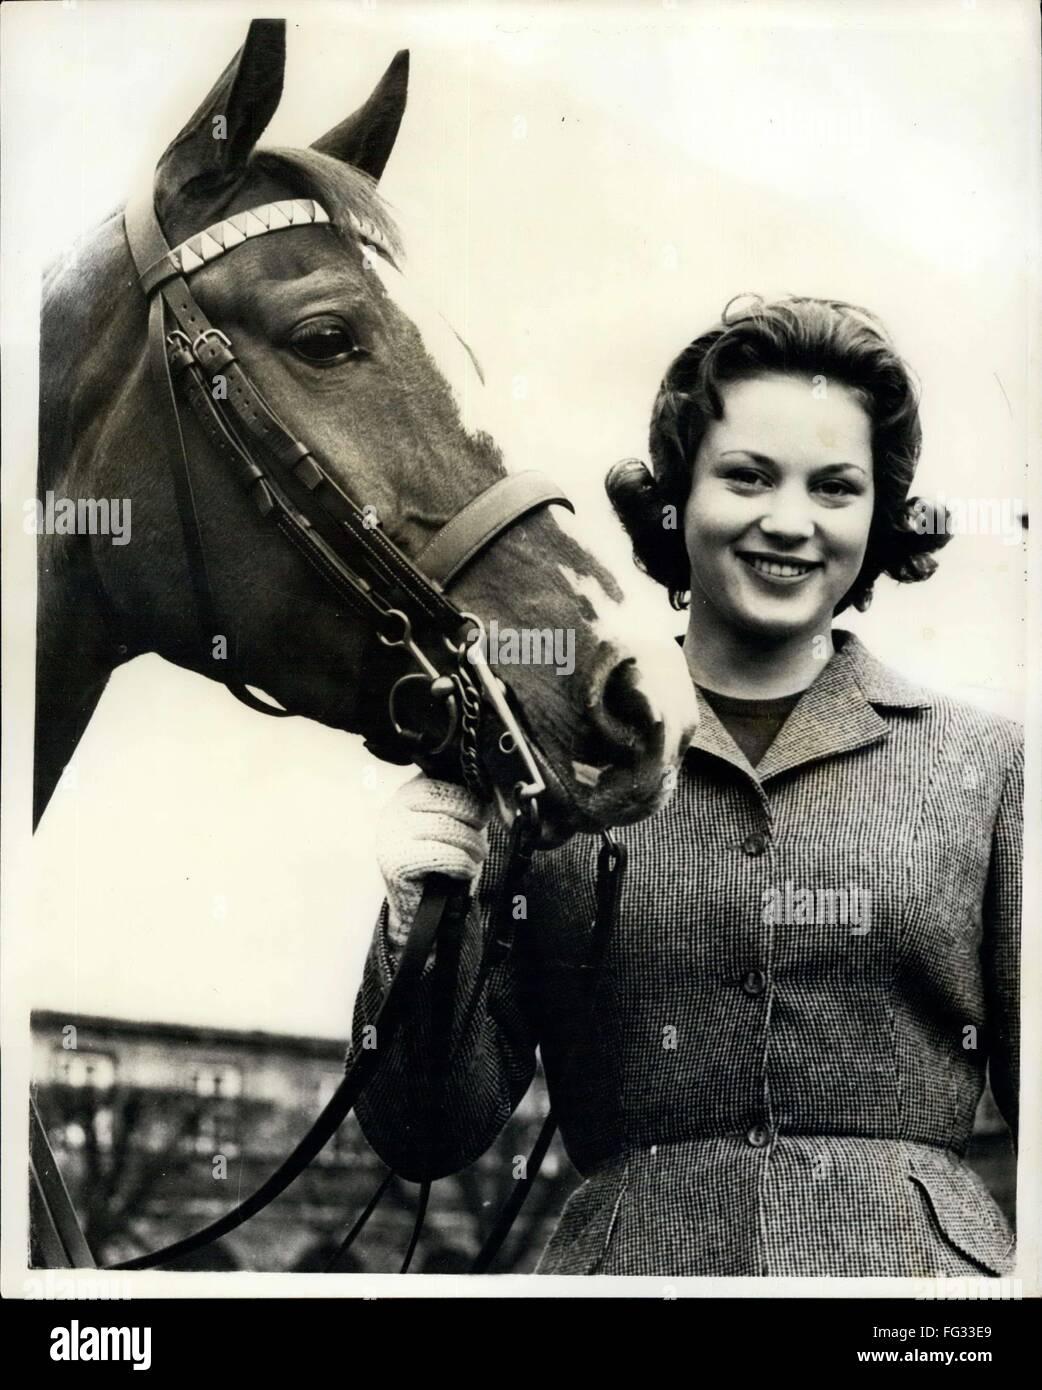 1962 - Princess Benedikte will be 18 on April 29th. Princess Benedikte, daughter of King Frederik and Queen Ingrid - Stock Image